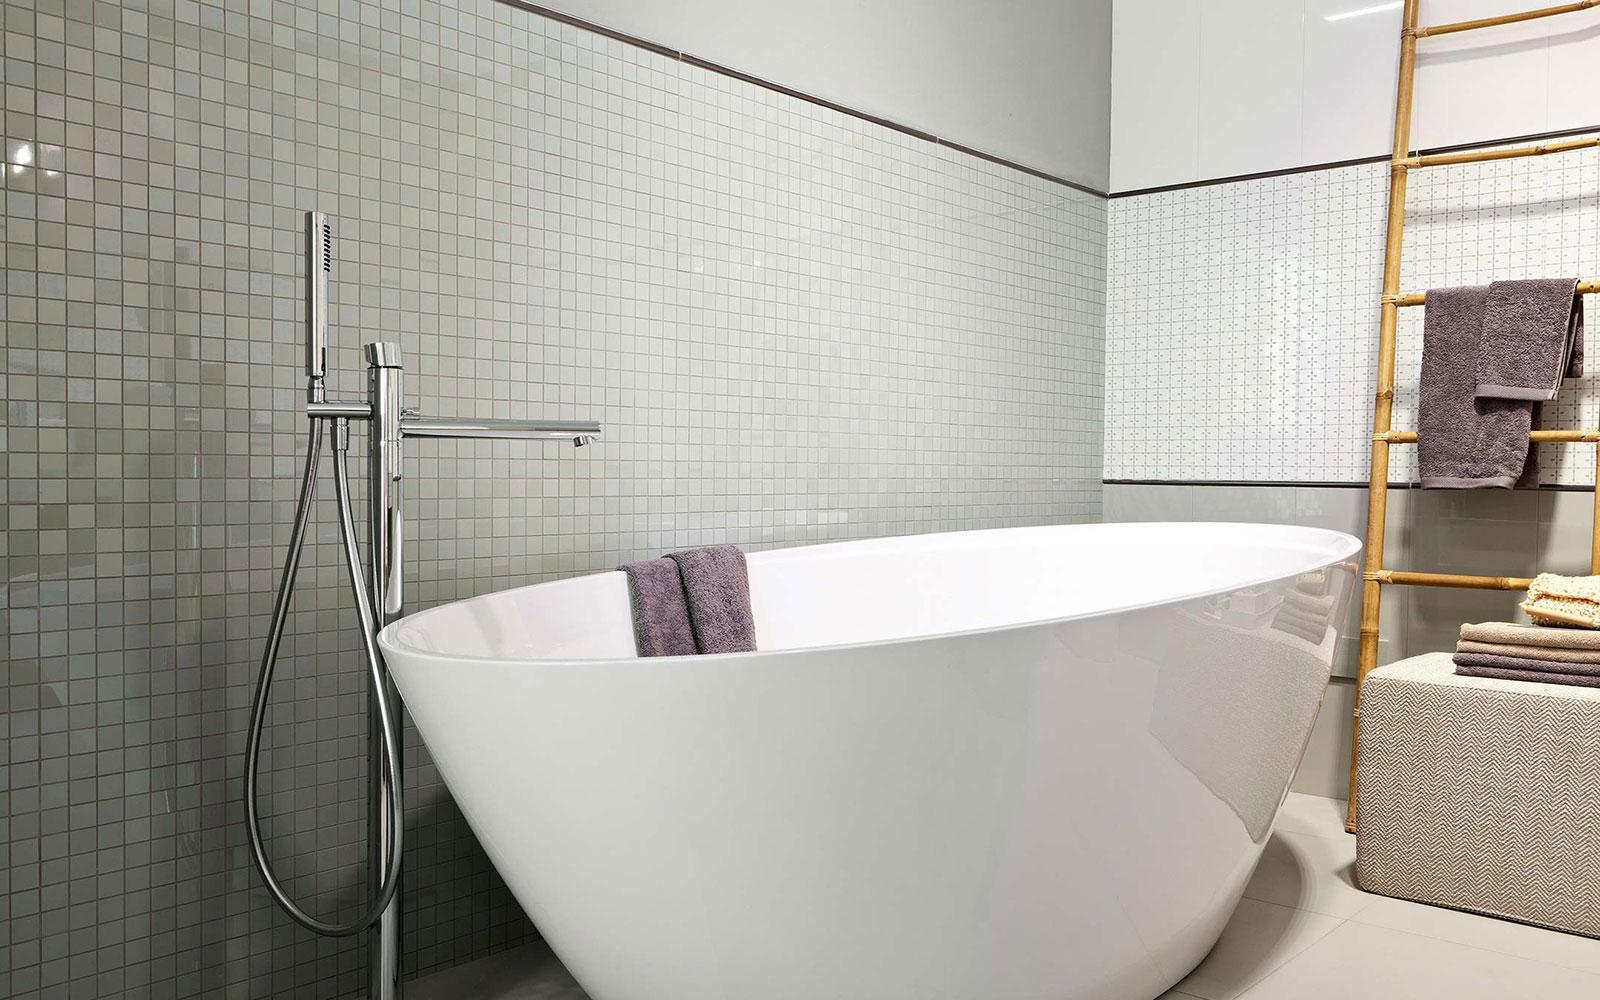 Revestimiento para el ba o azulejos pe a - Revestimientos para duchas ...